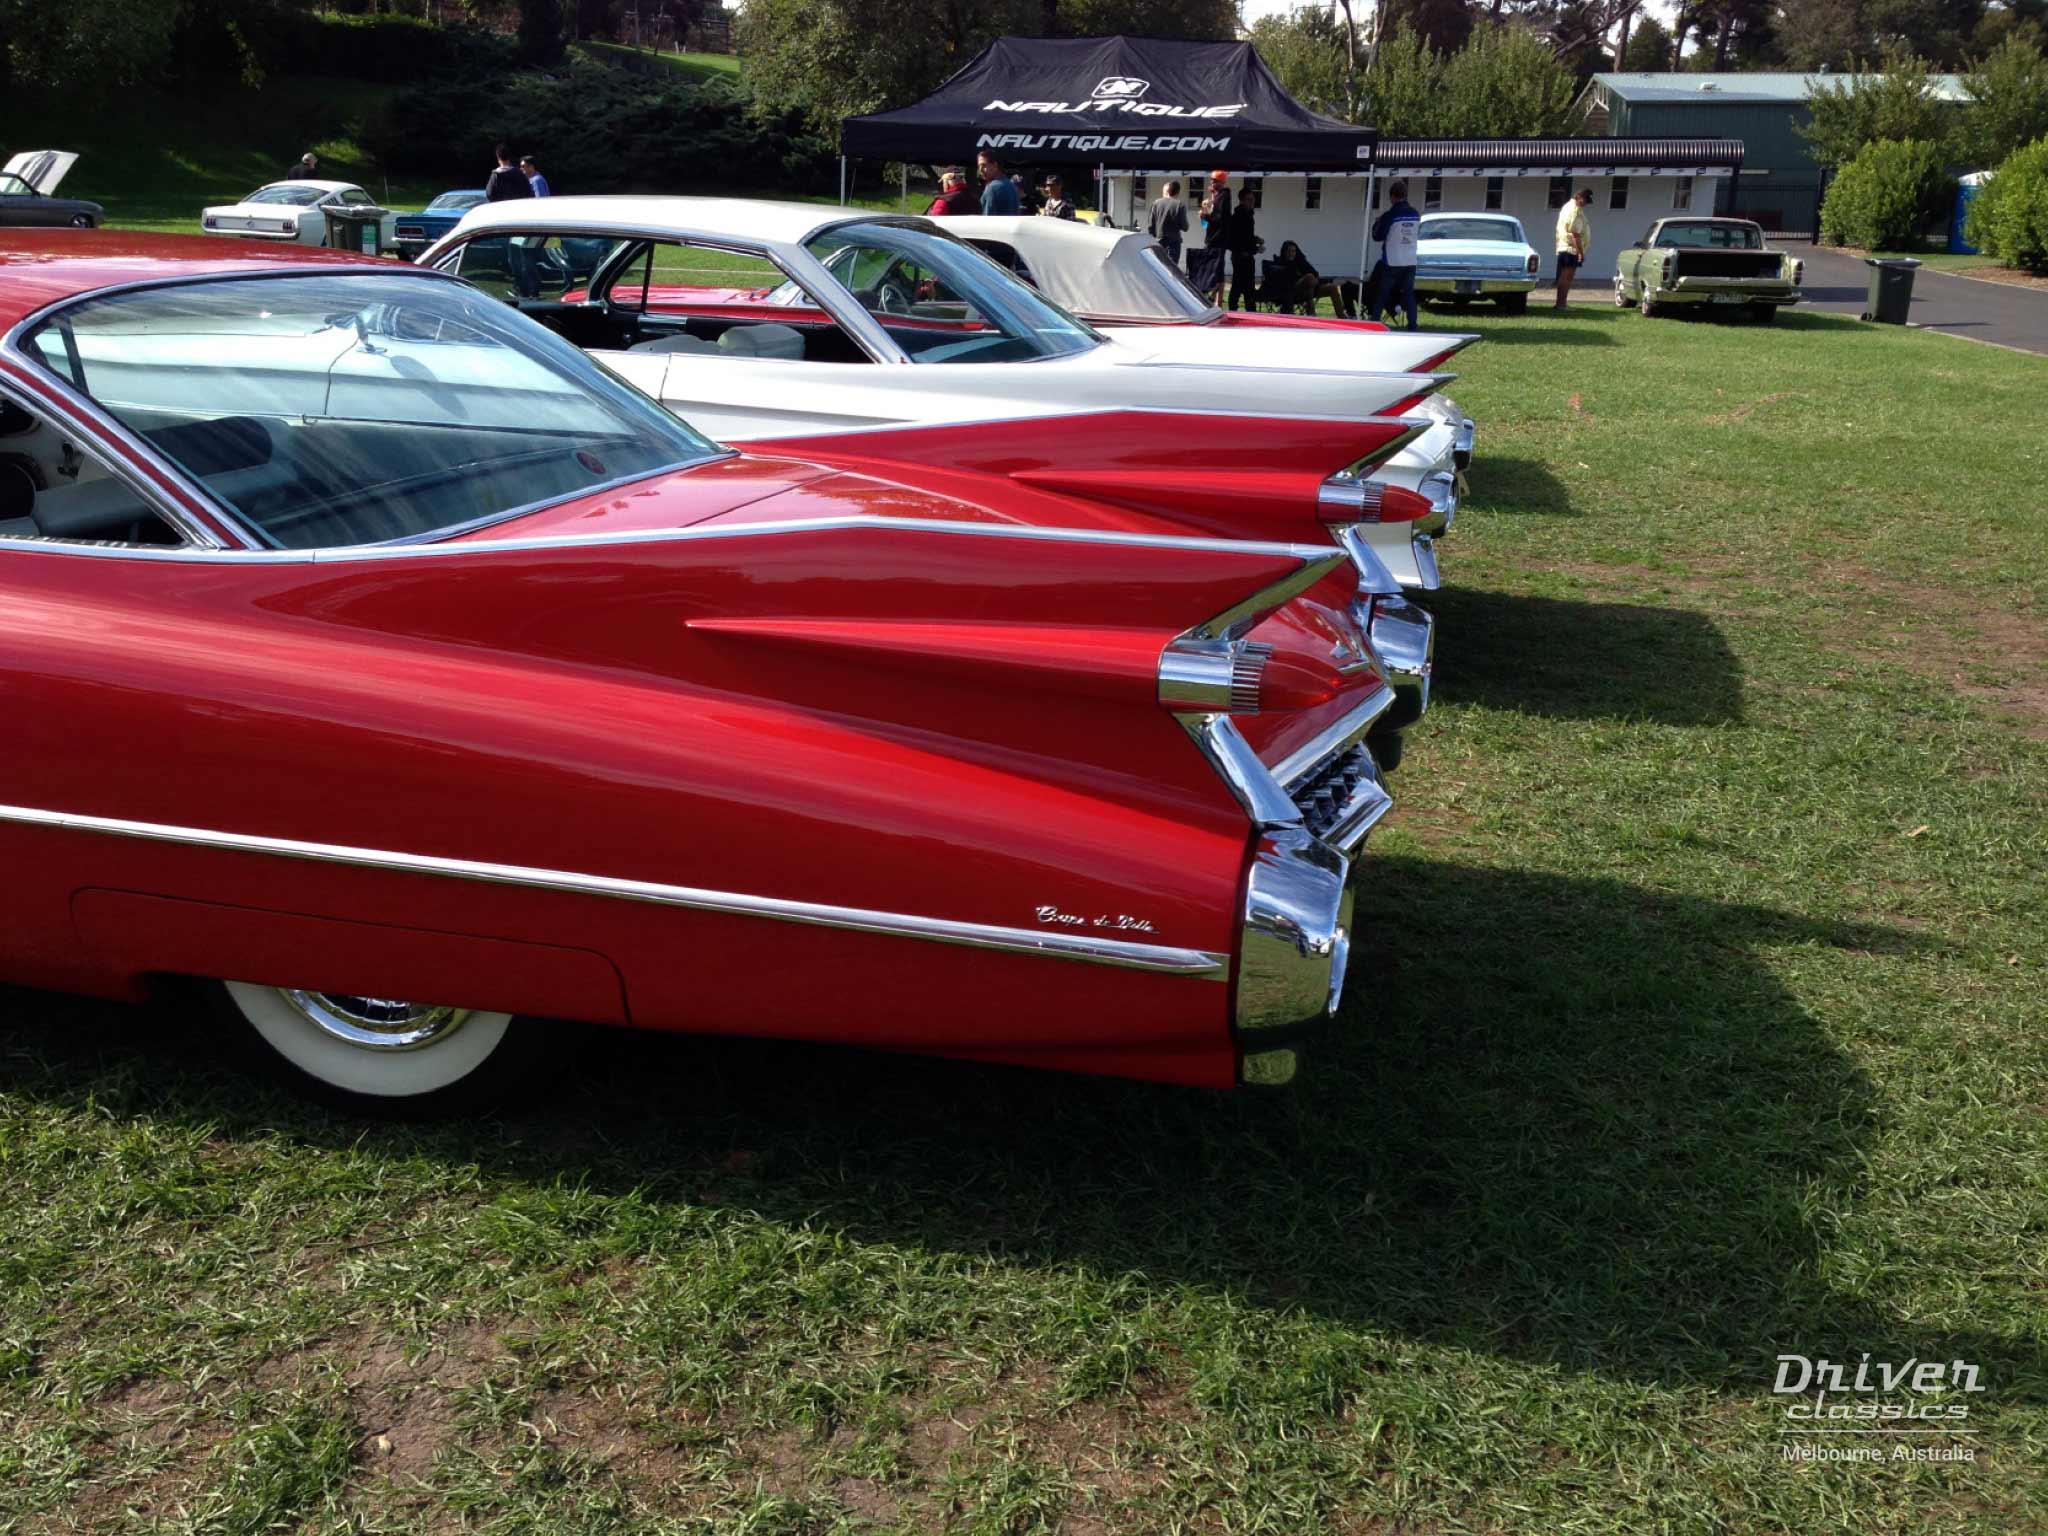 Cadillac Coupe de Ville fins 1959 and 1961, Flemington VIC, April 2014